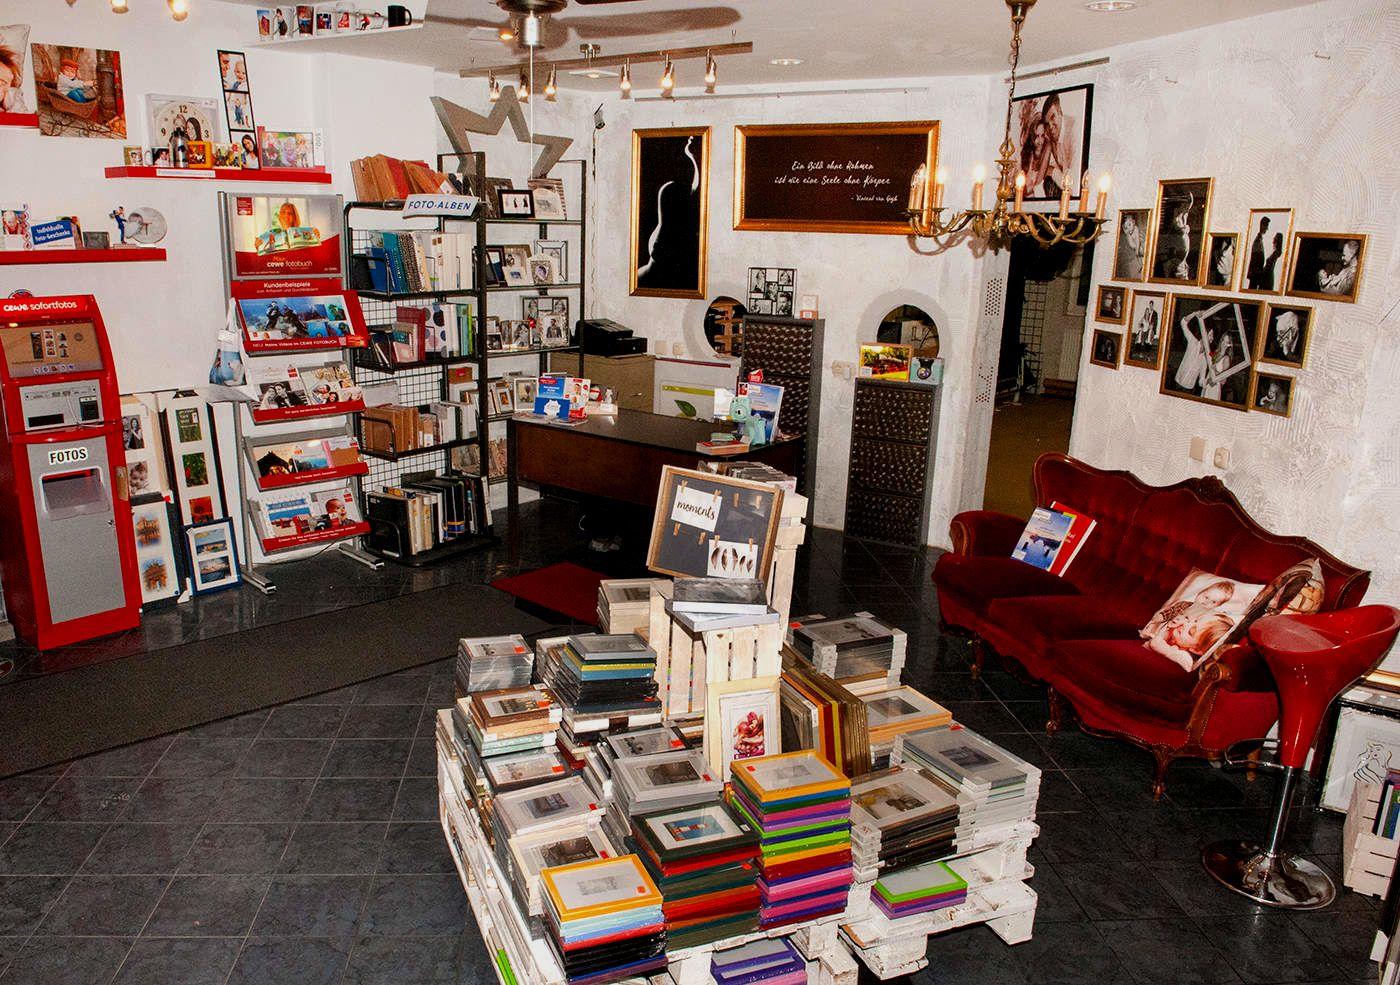 Studio Treuchtlingen/Fotostudio Treuchtlingen